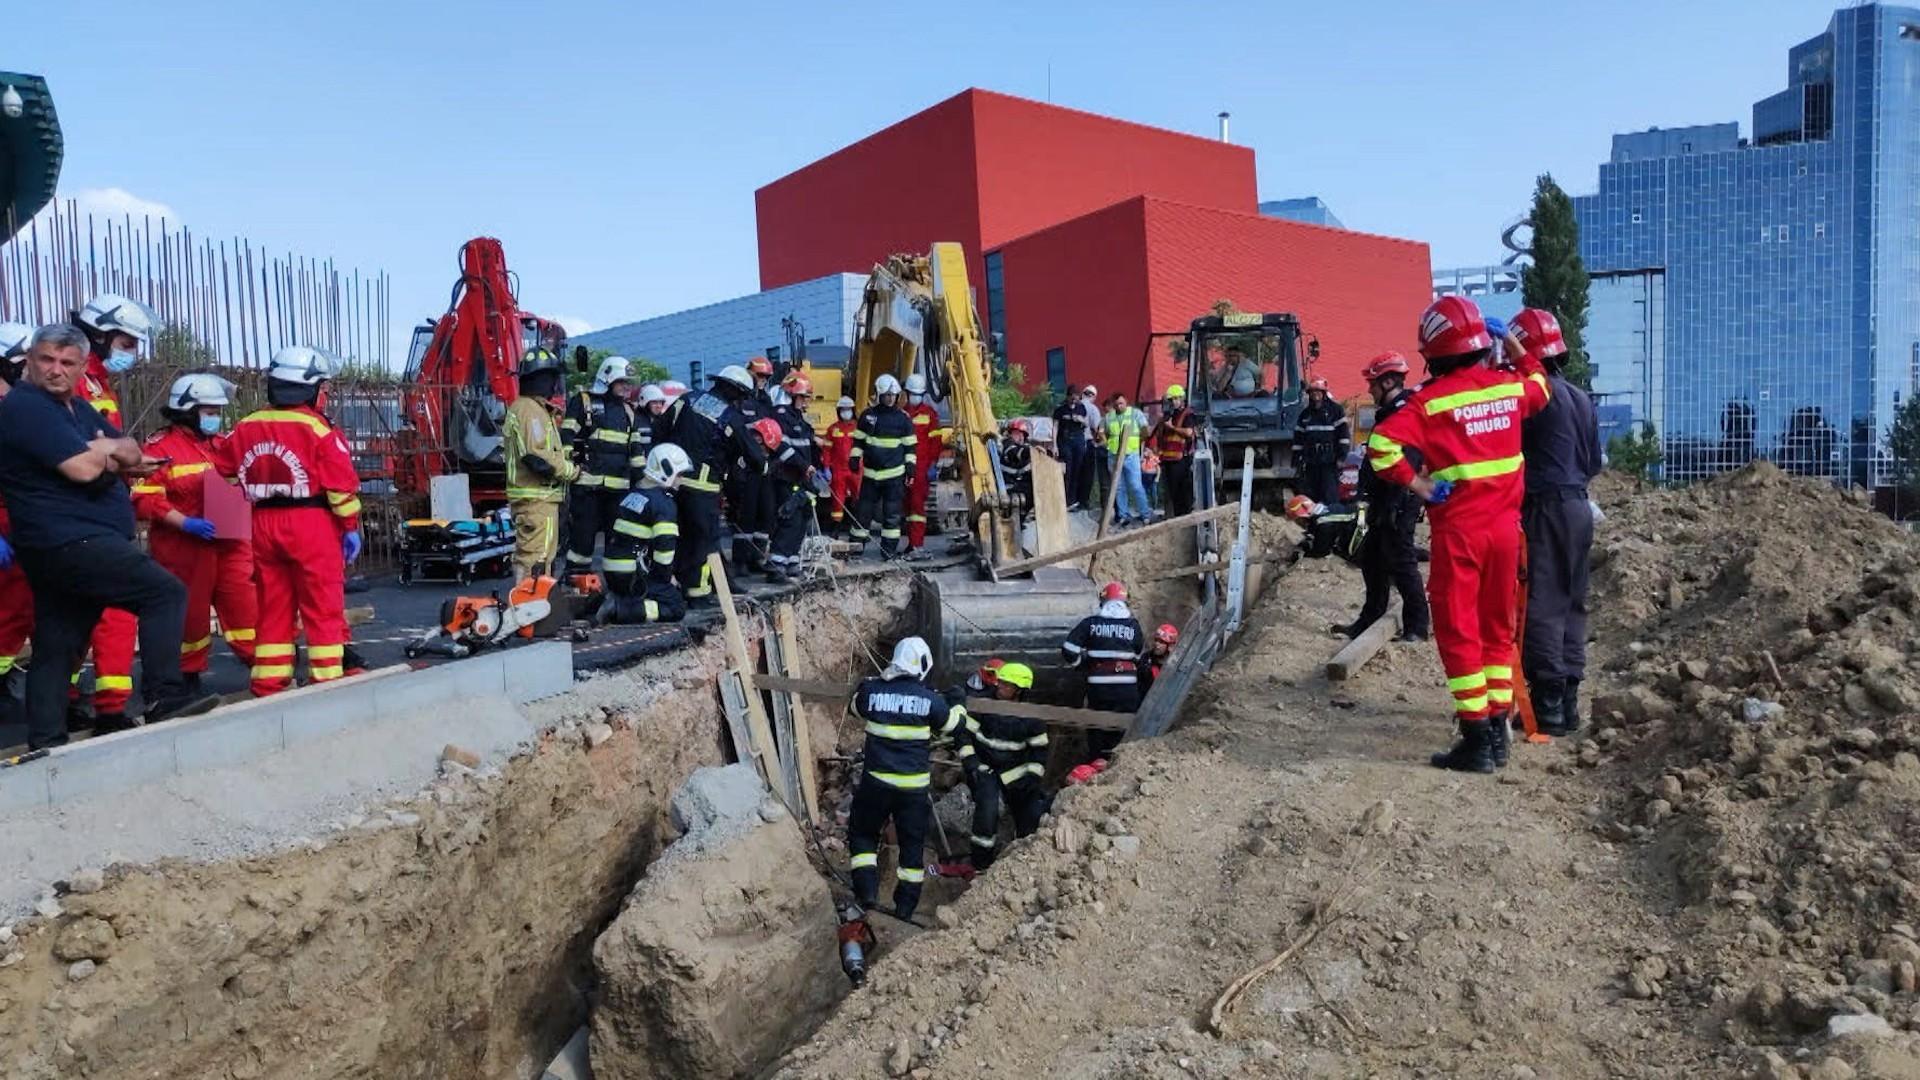 Accident grav pe un șantier din Capitală. Un mal de pământ s-a prăbușit peste mai mulți muncitori. Două persoane au fost găsite moarte. FOTO și VIDEO